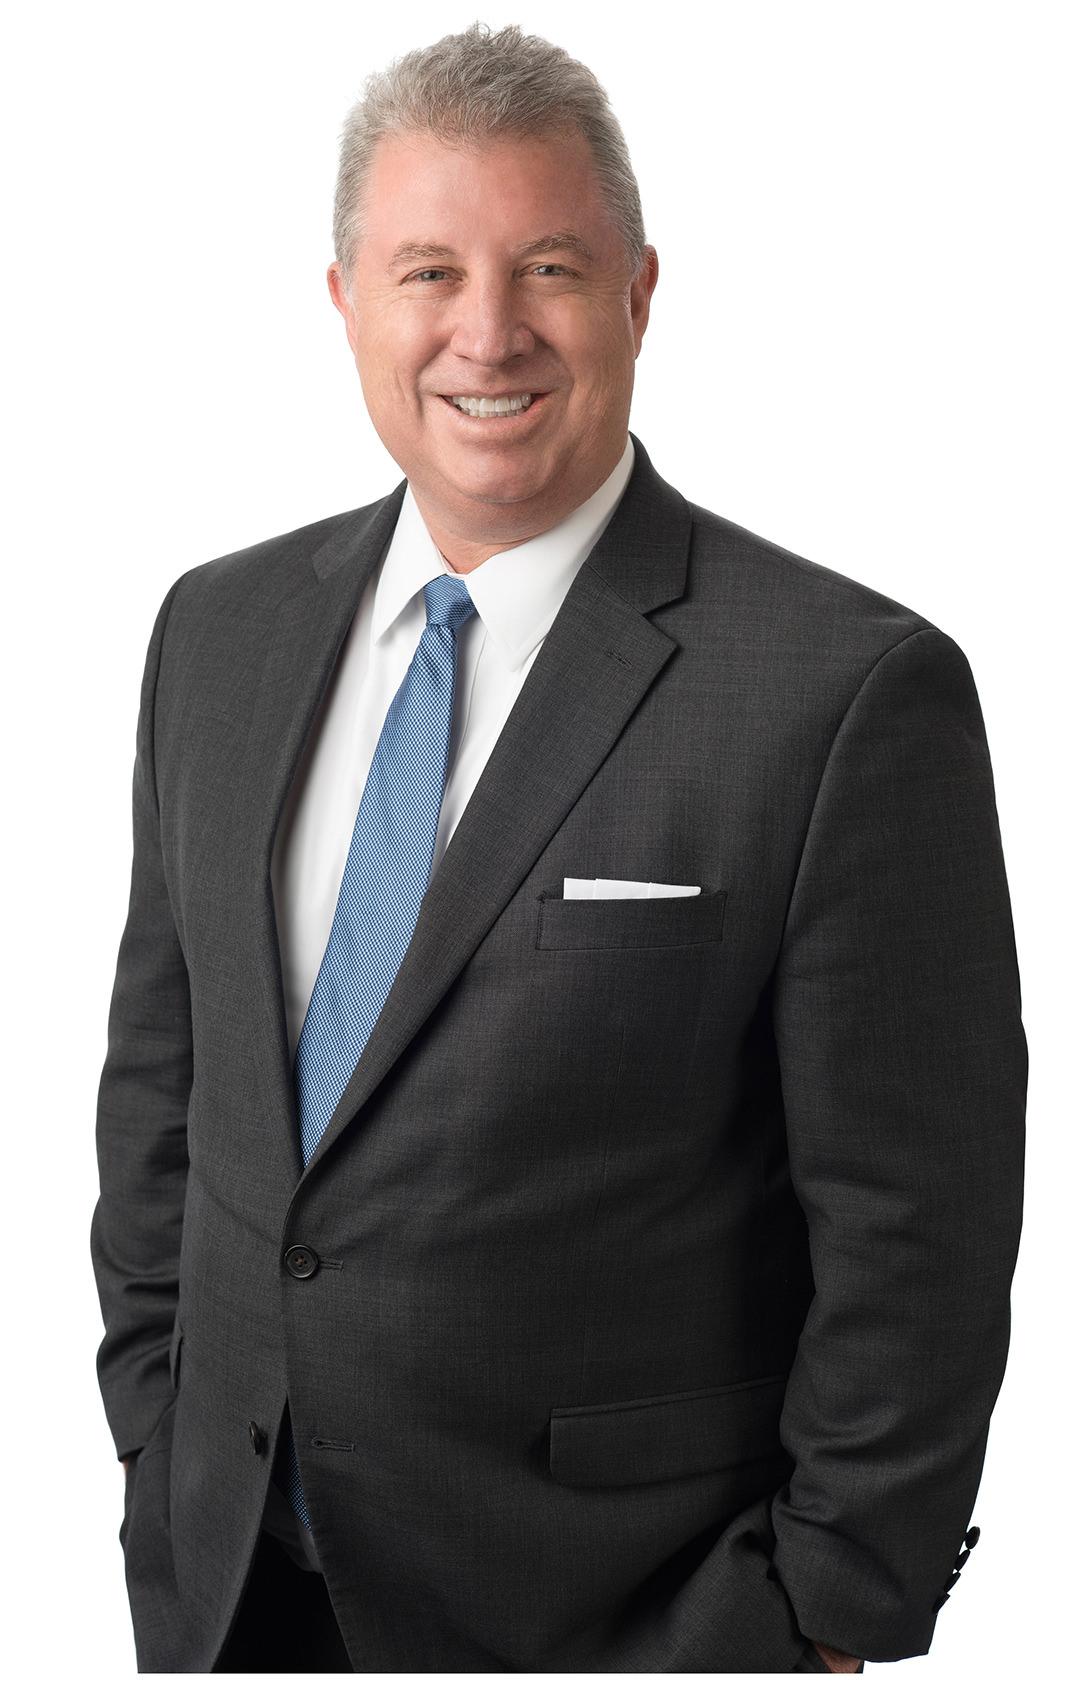 David C. Quam